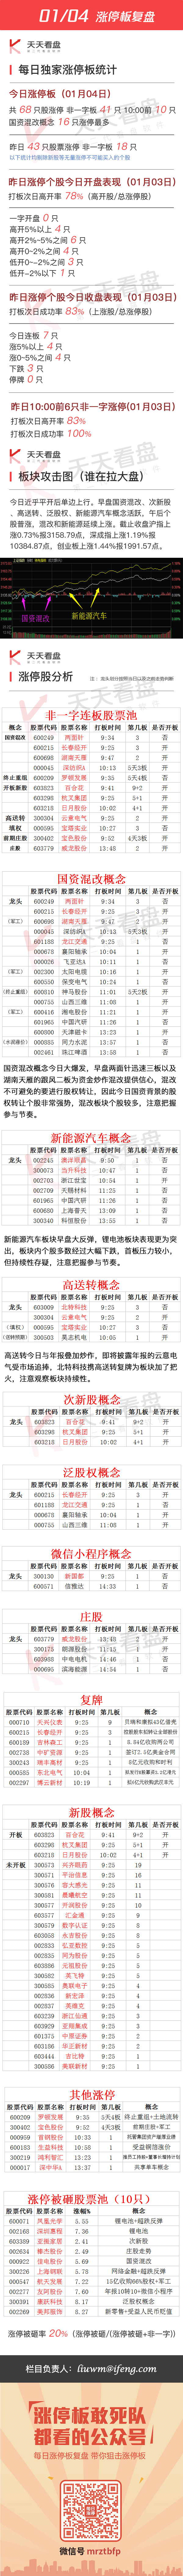 2017年1月4日涨停板复盘 - 小美 - xing1969wuw的博客